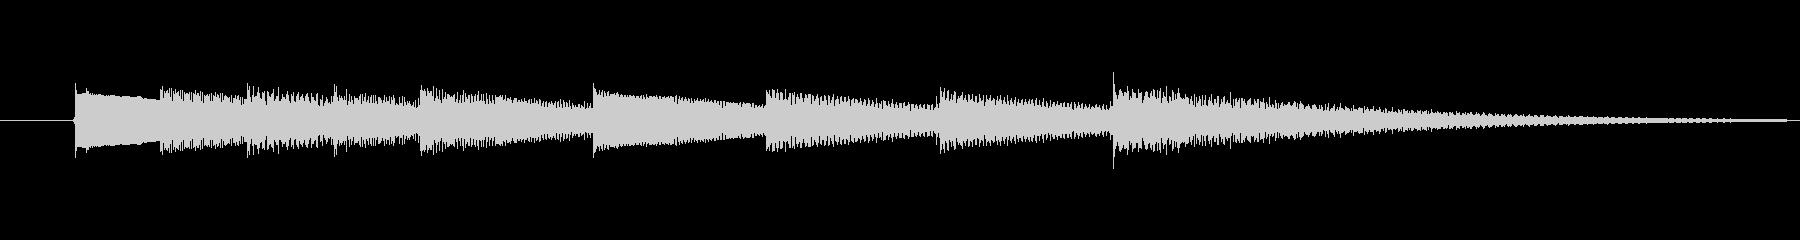 キラキラ輝きのあるベル音の3秒サウンドの未再生の波形